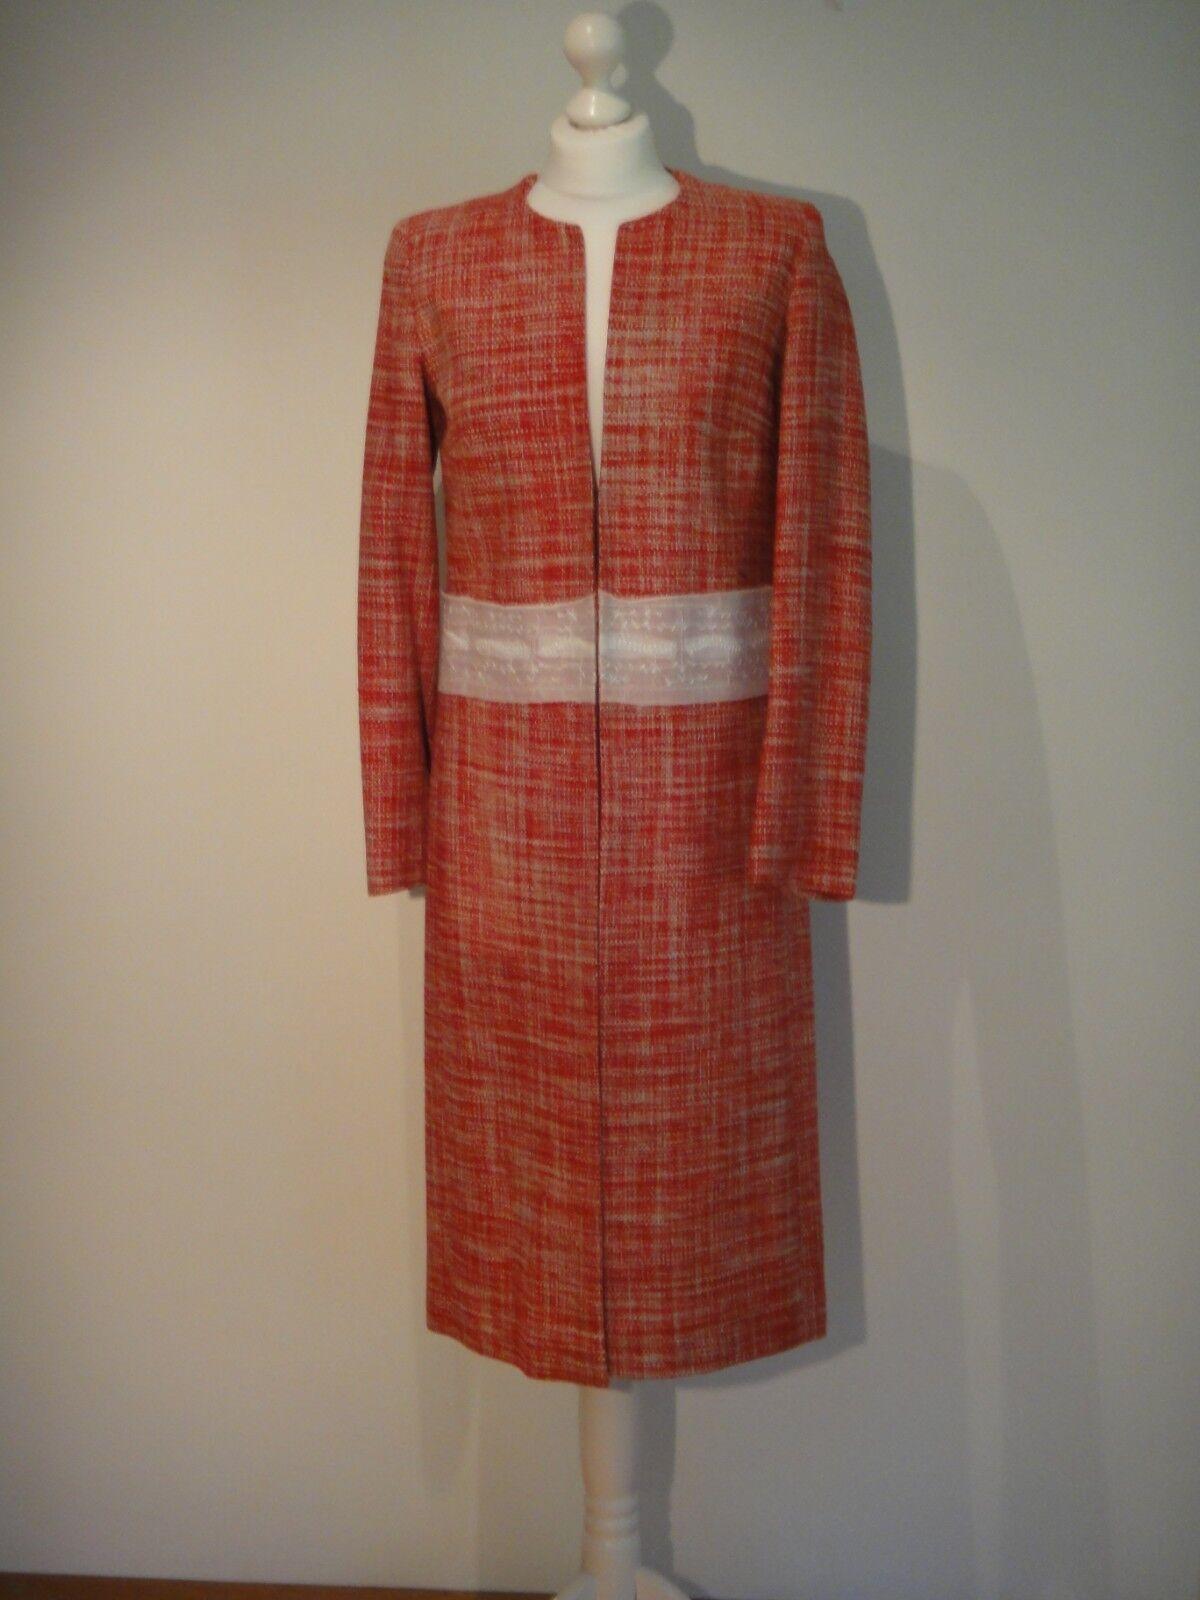 Karen Millen Roja Seda Tweed Patrón  Sin Cuello Abrigo Talla 8  en stock